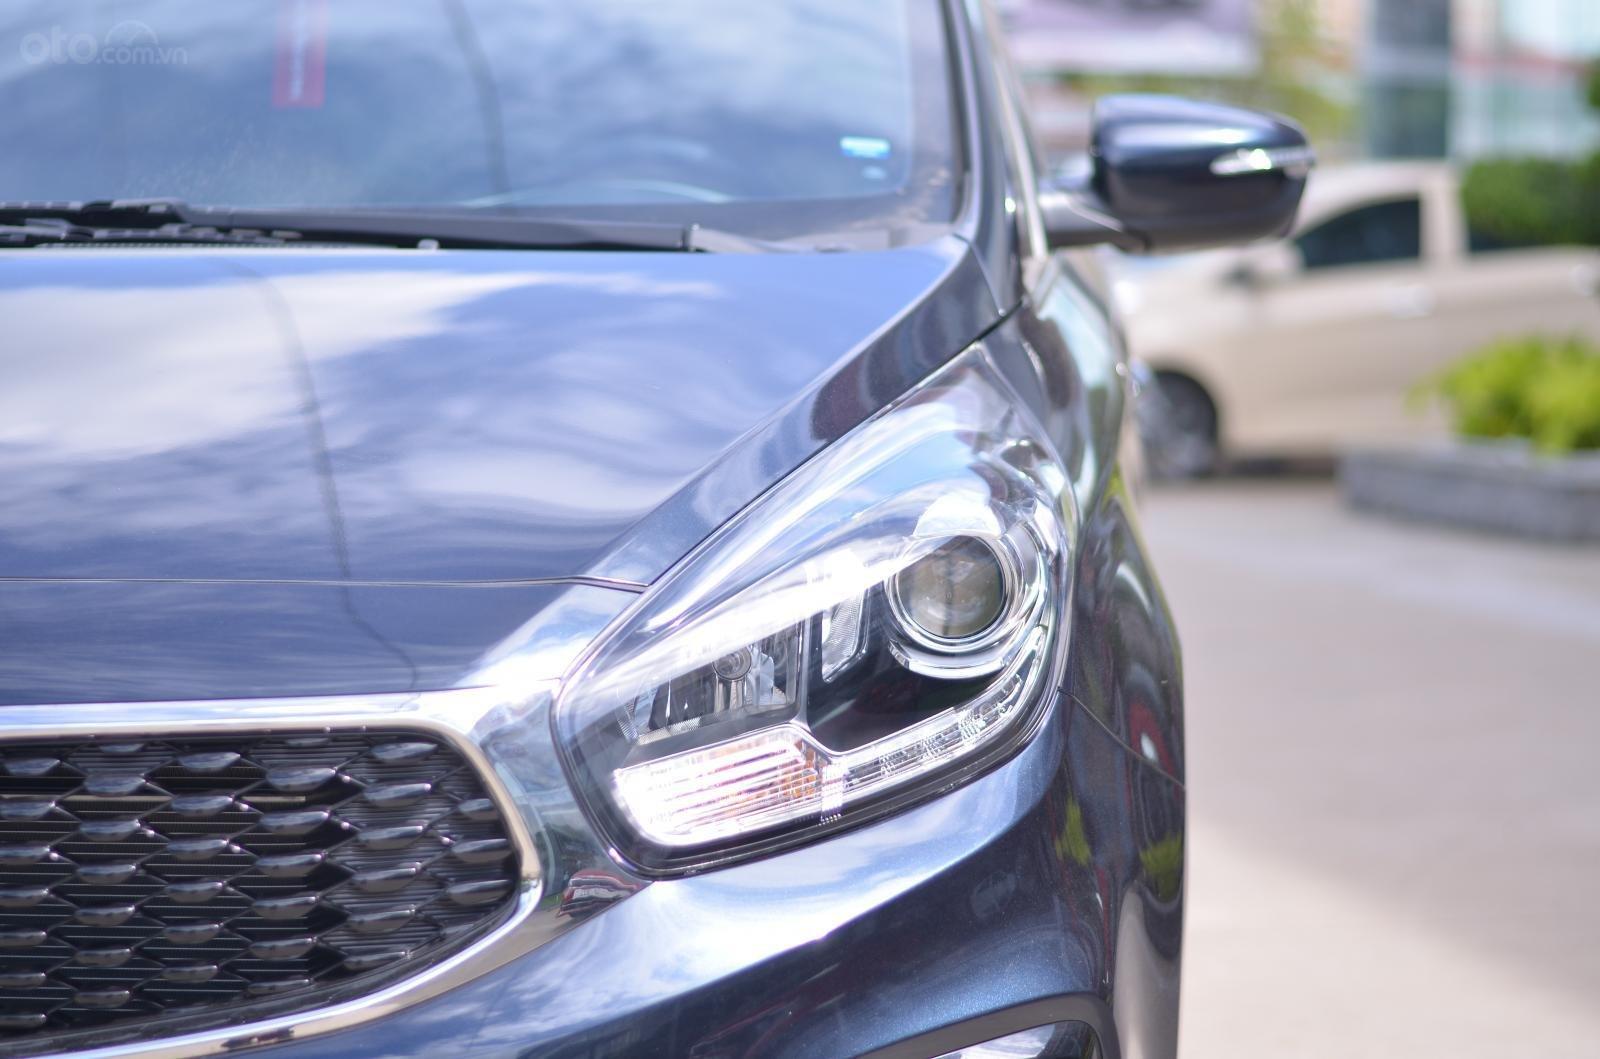 Xe Kia Rondo 2019 giá ưu đãi có xe giao ngay, số lượng xe có hạn (8)